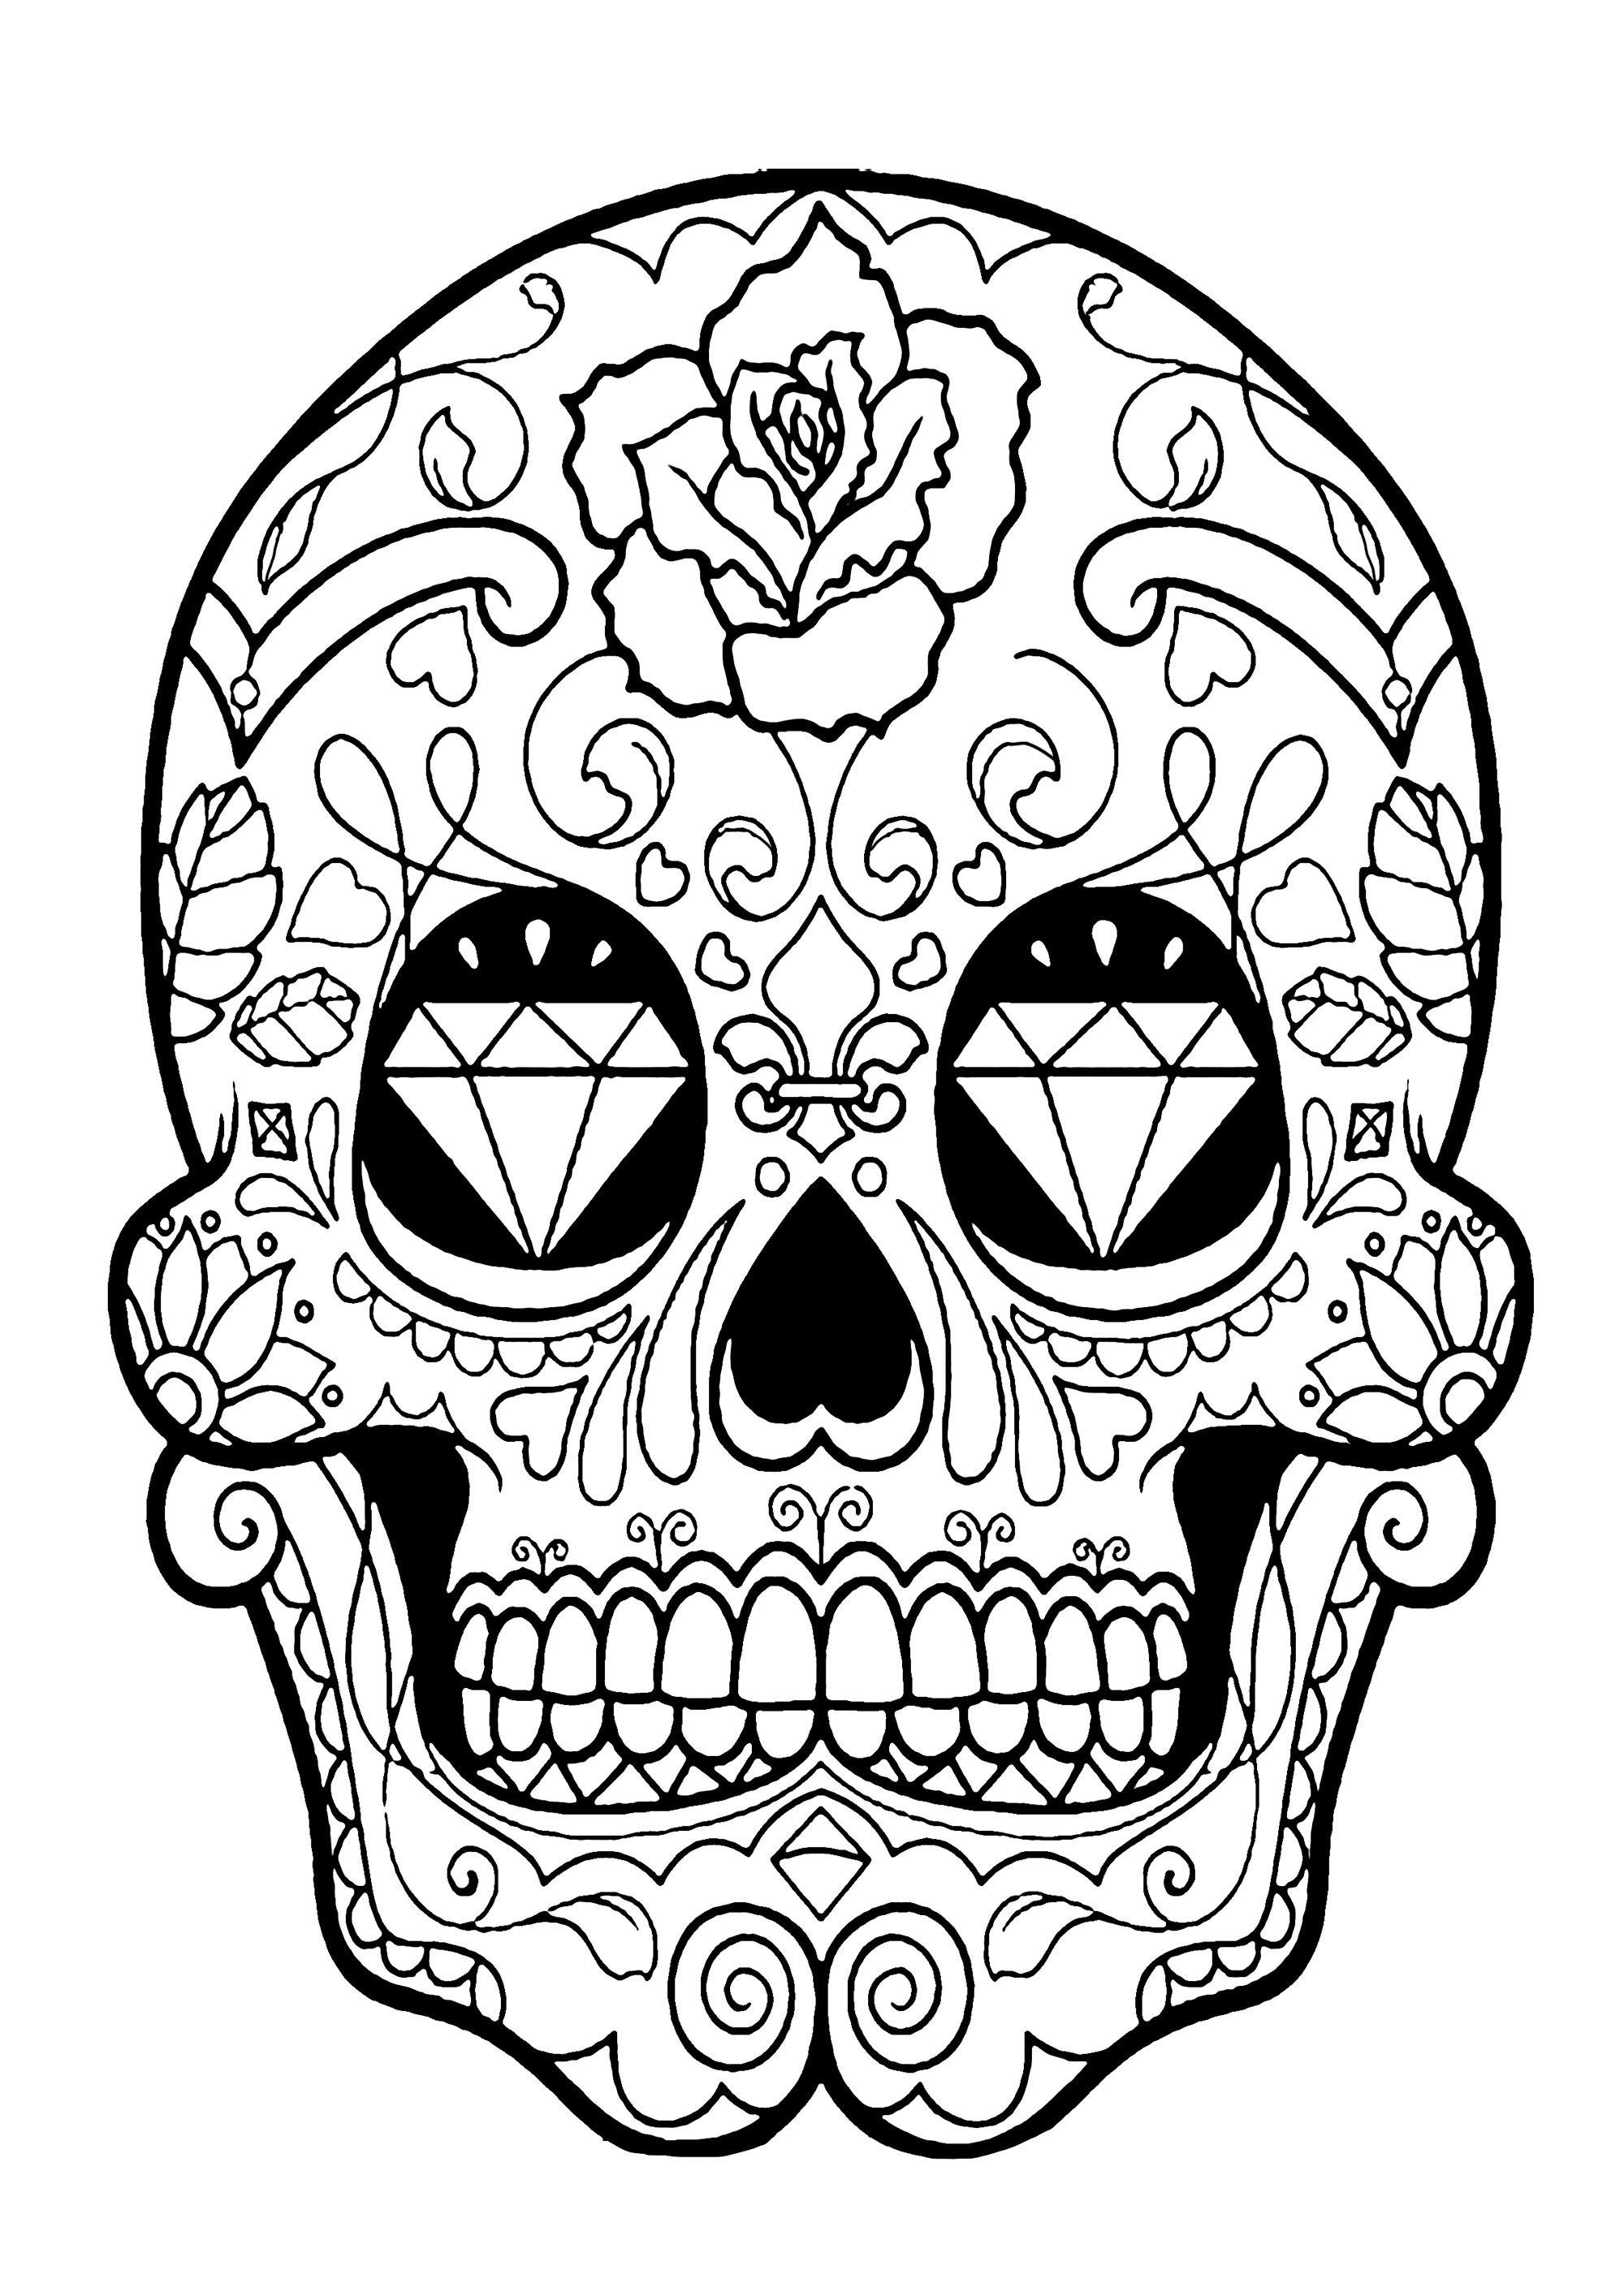 Colorear para adultos  : El Día De Los Muertos - 5